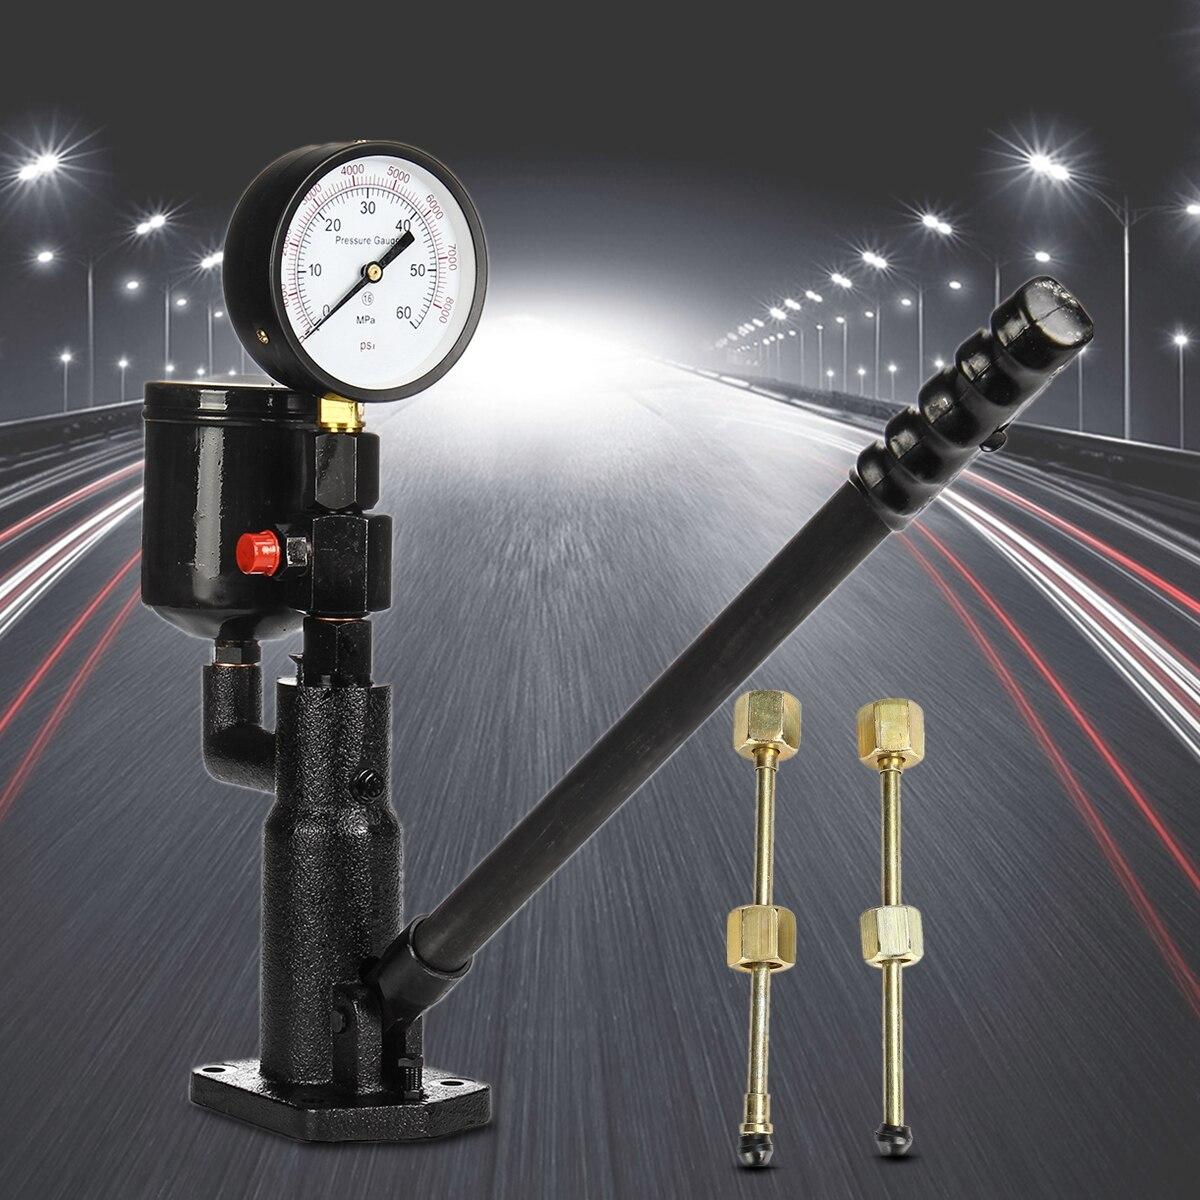 Бар/PSI 0-60Mpa сталь 1L Pop Дизель/инжектор сопла давление тестер Двойной весы читать Калибр Черный трубы высокого давления диагностический